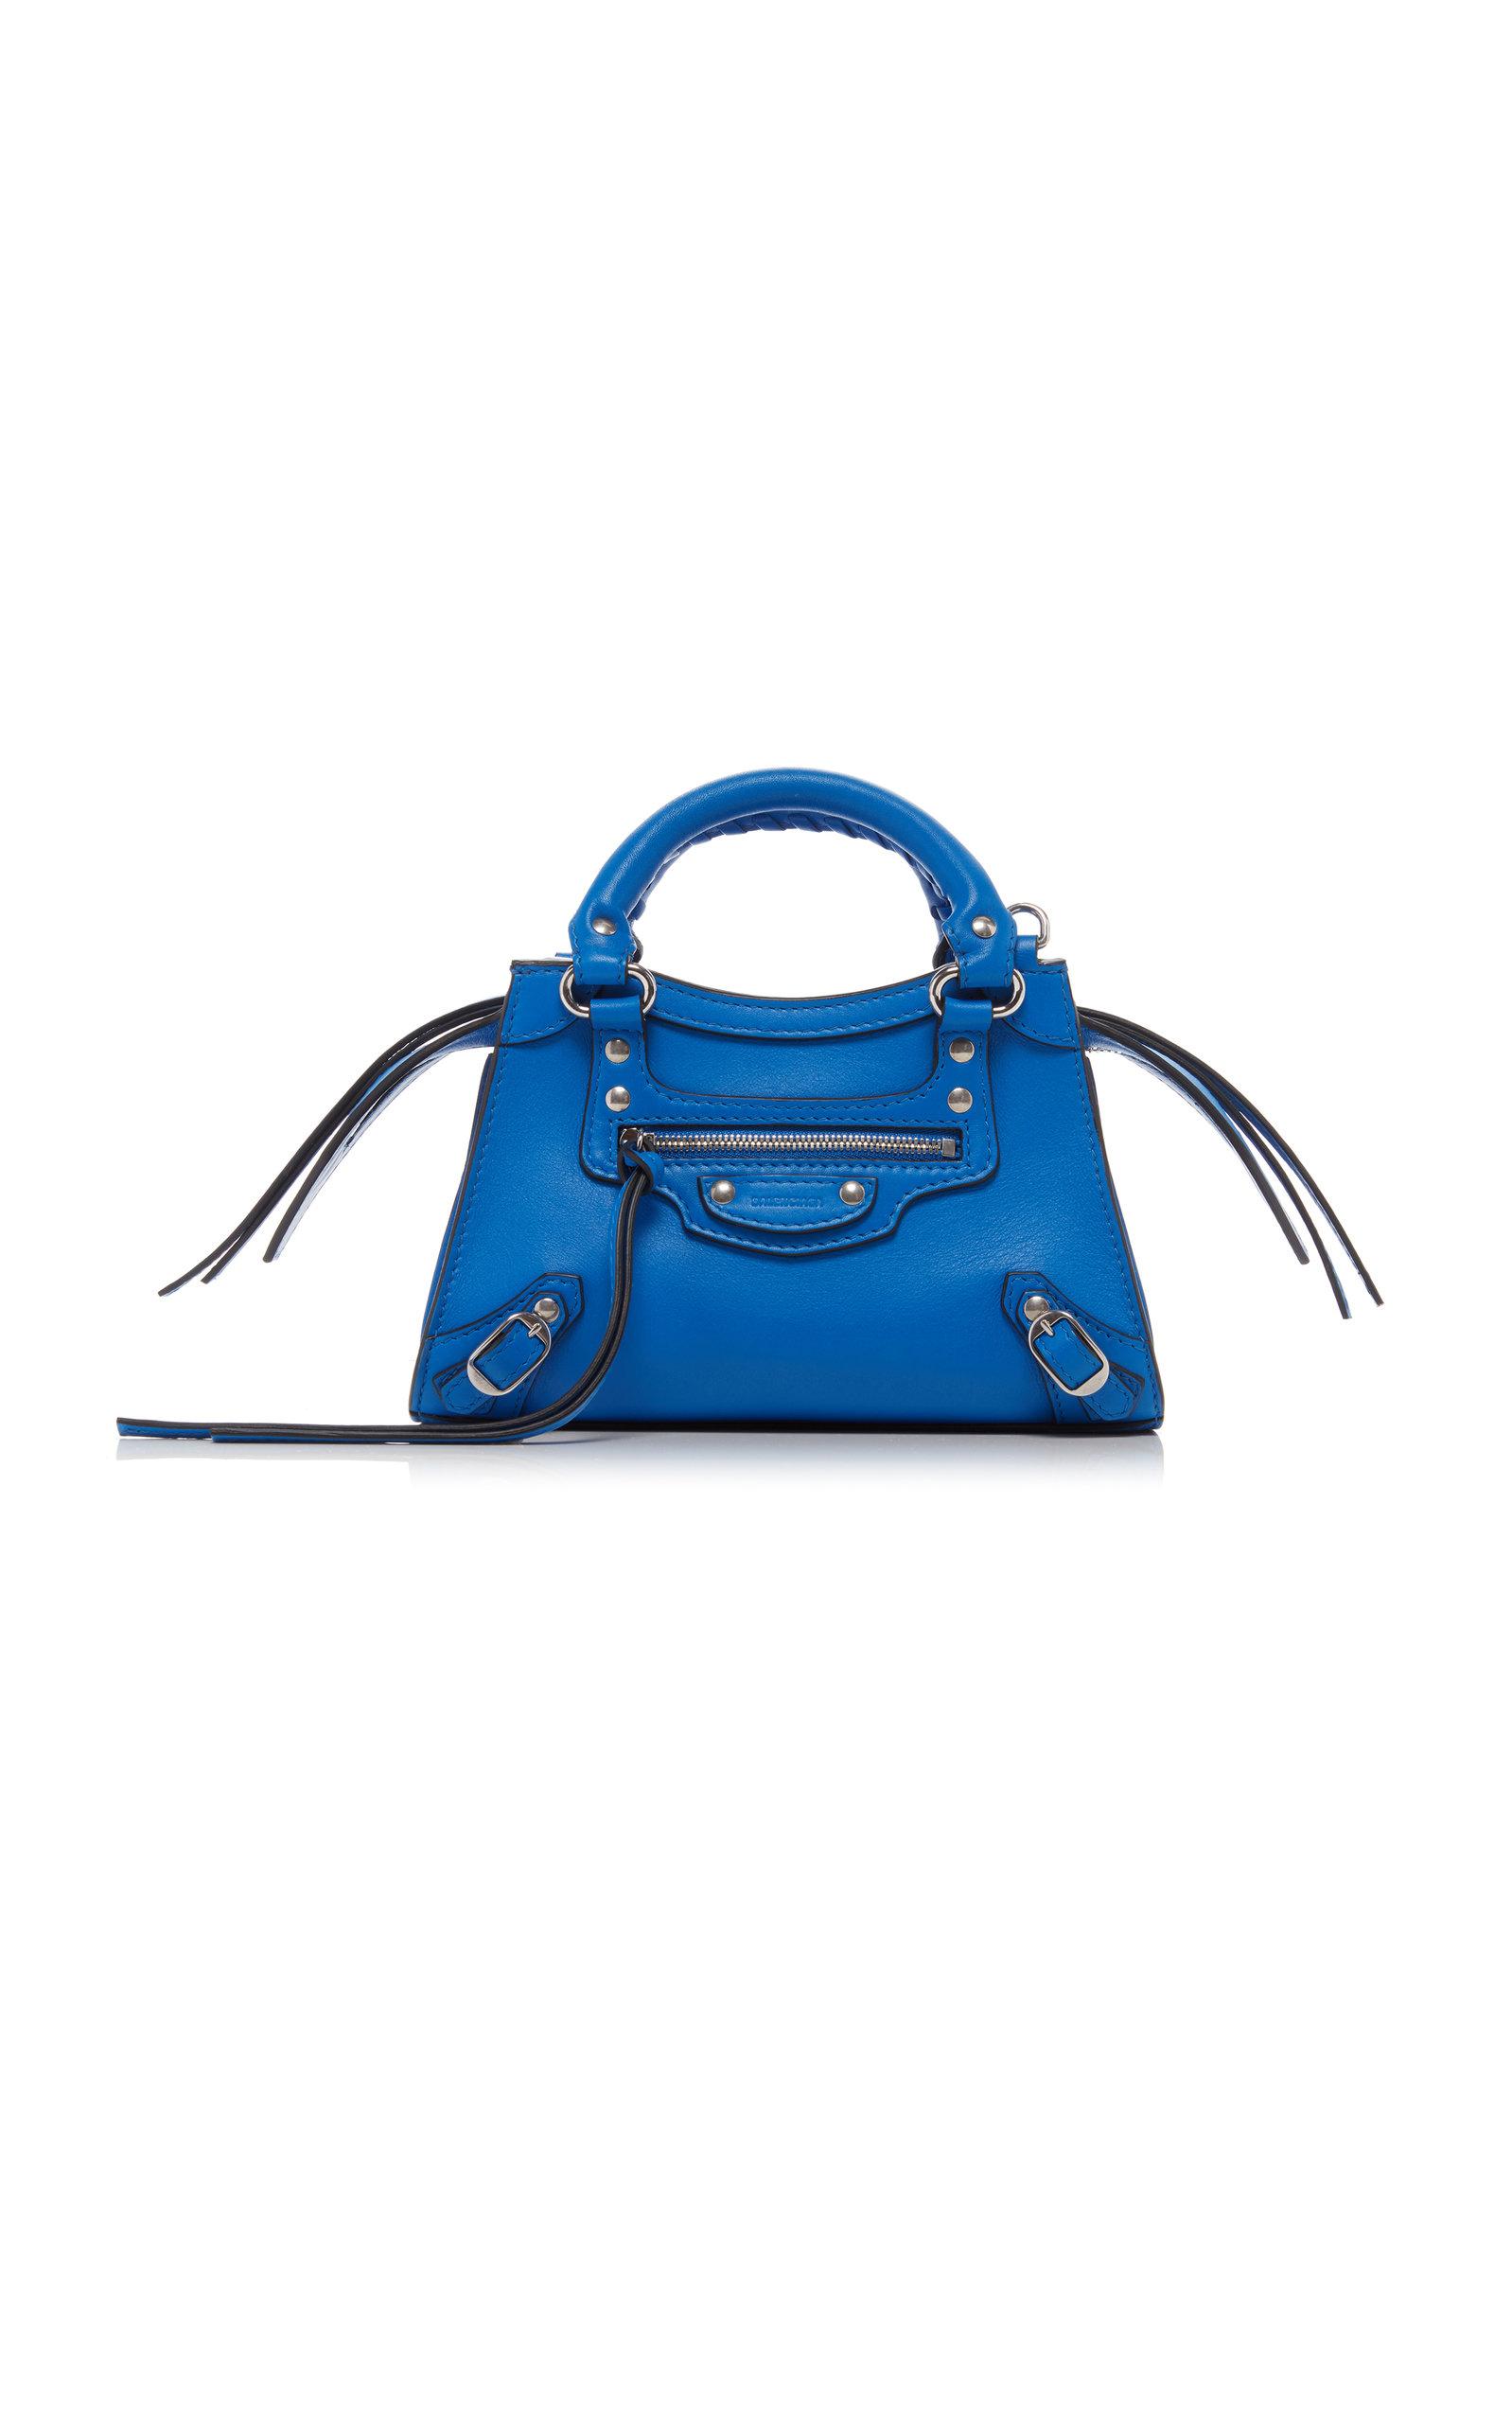 Balenciaga Leathers NEO CLASSIC CITY MINI LEATHER BAG